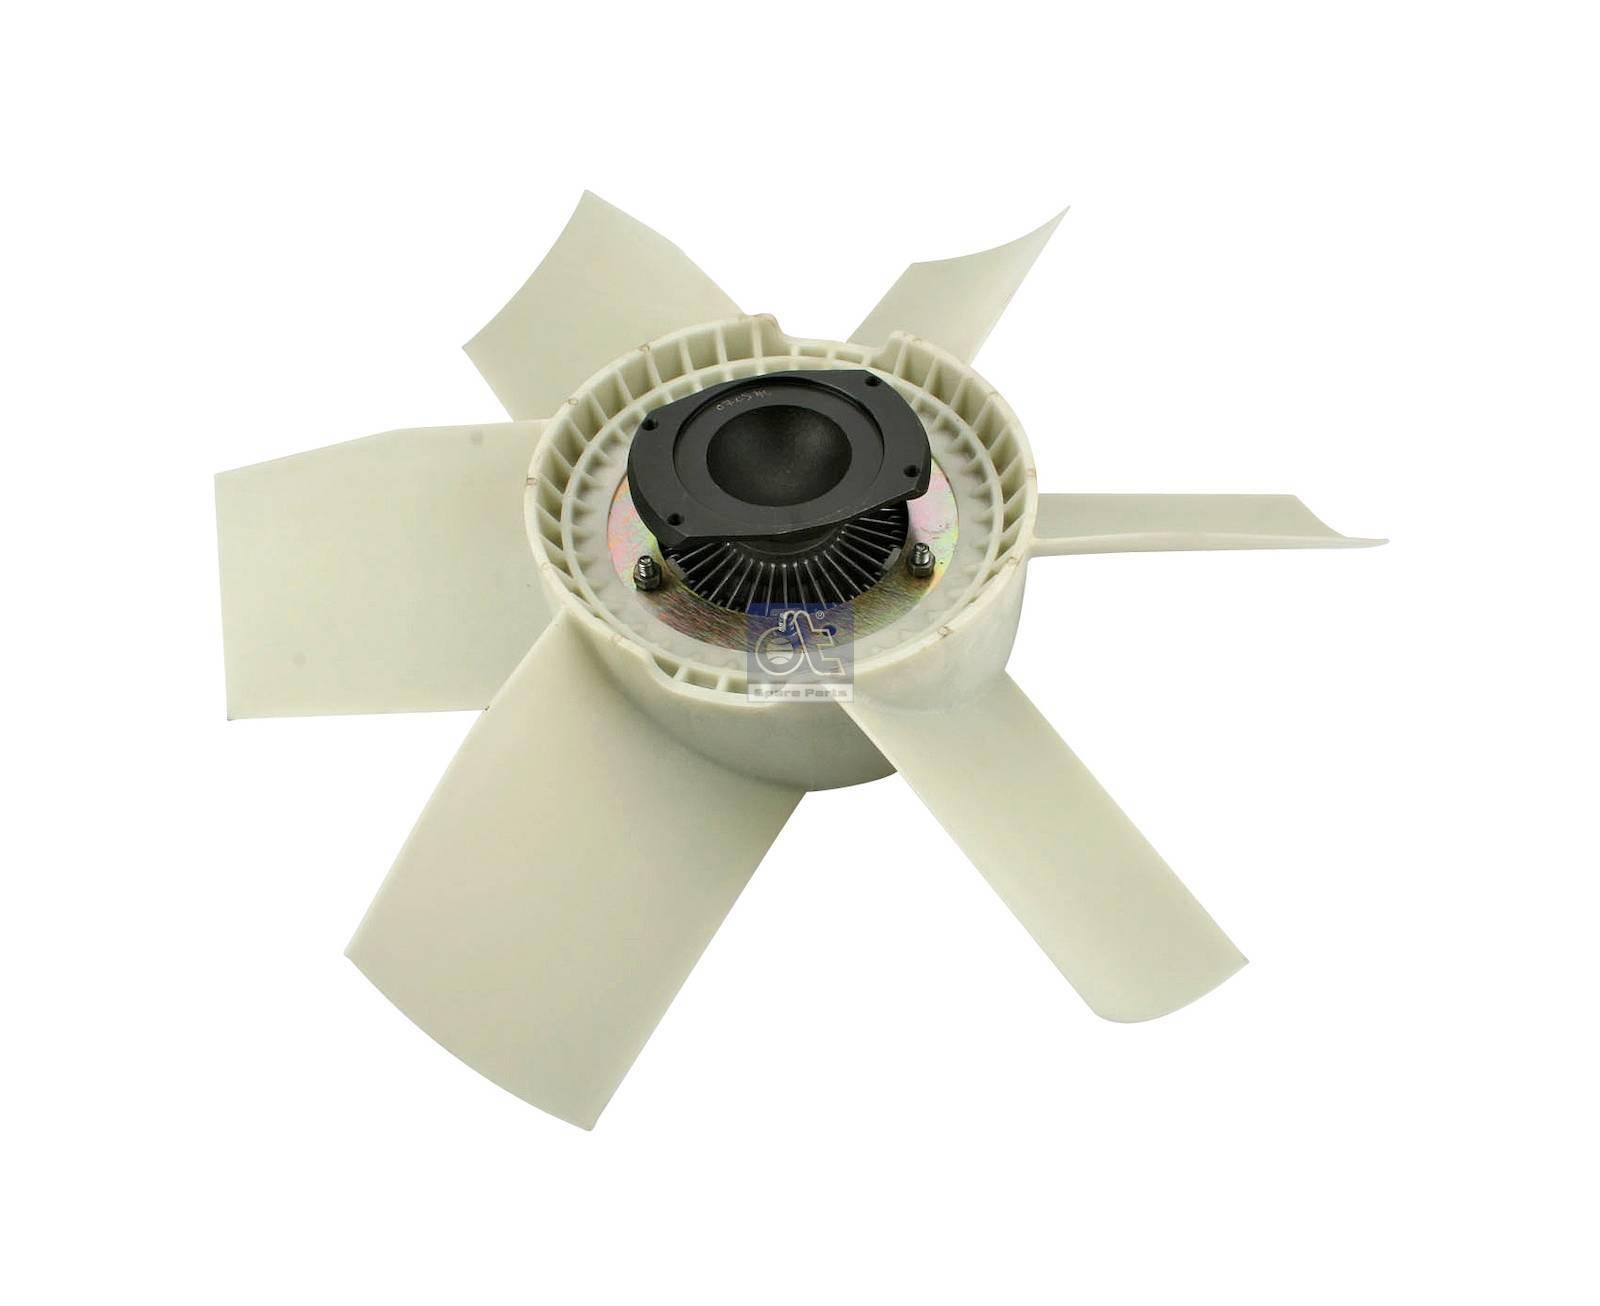 Ventilatore con giunto, versione in plastico